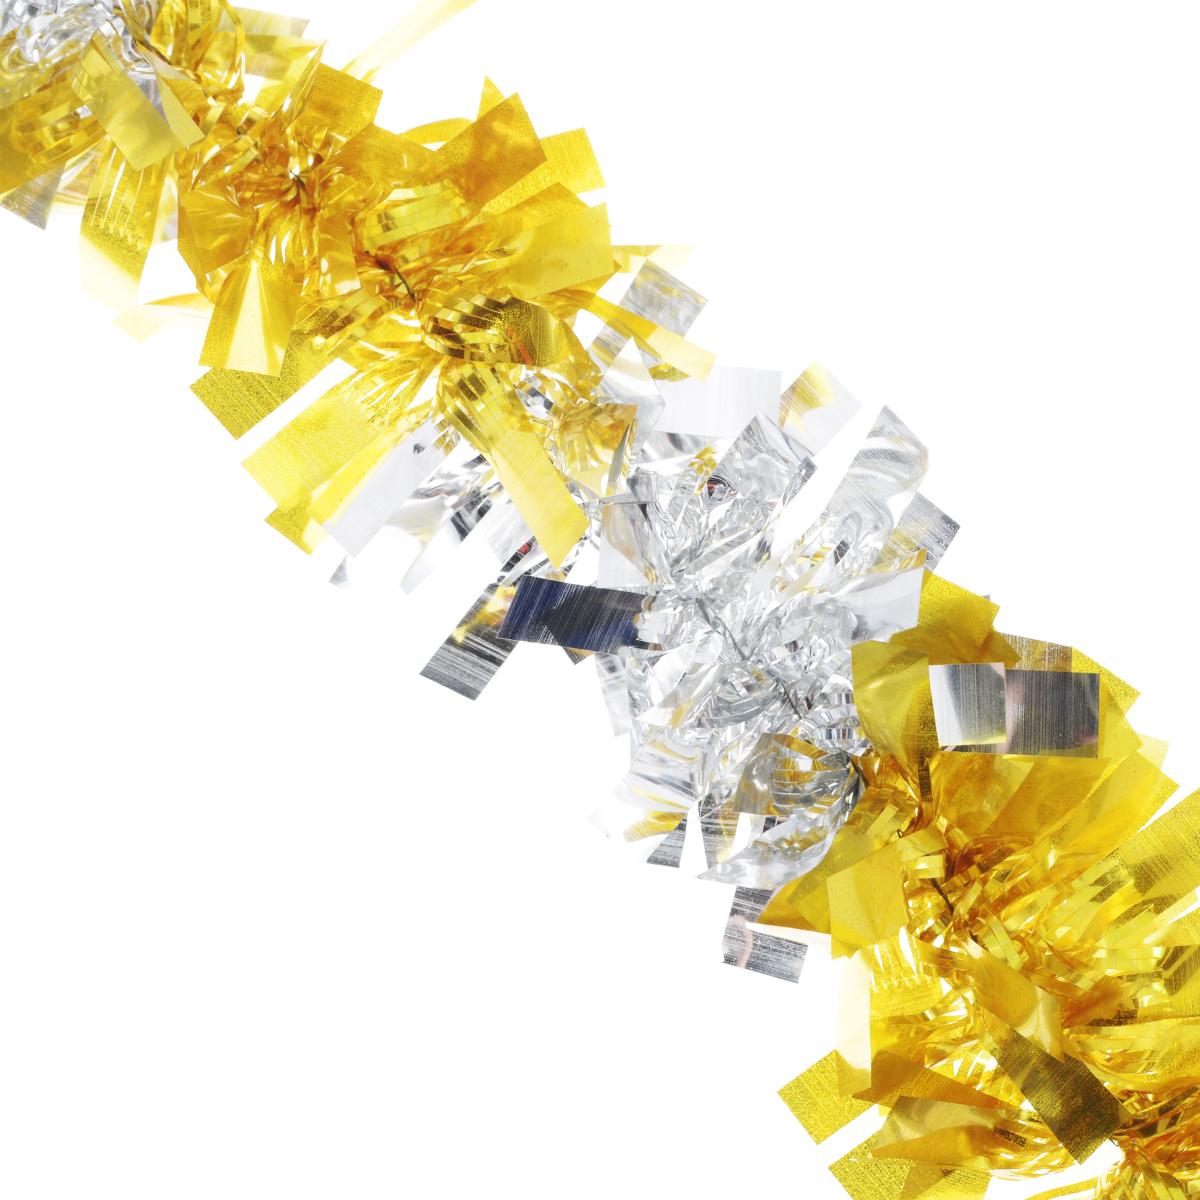 Мишура новогодняя EuroHouse Чудесница, цвет: желтый, серебристый, диаметр 6 см, длина 200 смЕХ7420_желтый, серебристыйНовогодняя мишура EuroHouse Чудесница, выполненная из ПЭТ (полиэтилентерефталата), поможет вам украсить свой дом к предстоящим праздникам. А новогодняя елка с таким украшением станет еще наряднее. Мишура армирована, то есть имеет проволоку внутри и способна сохранять придаваемую ей форму. Новогодней мишурой можно украсить все, что угодно - елку, квартиру, дачу, офис - как внутри, так и снаружи. Можно сложить новогодние поздравления, буквы и цифры, мишурой можно украсить и дополнить гирлянды, можно выделить дверные колонны, оплести дверные проемы.